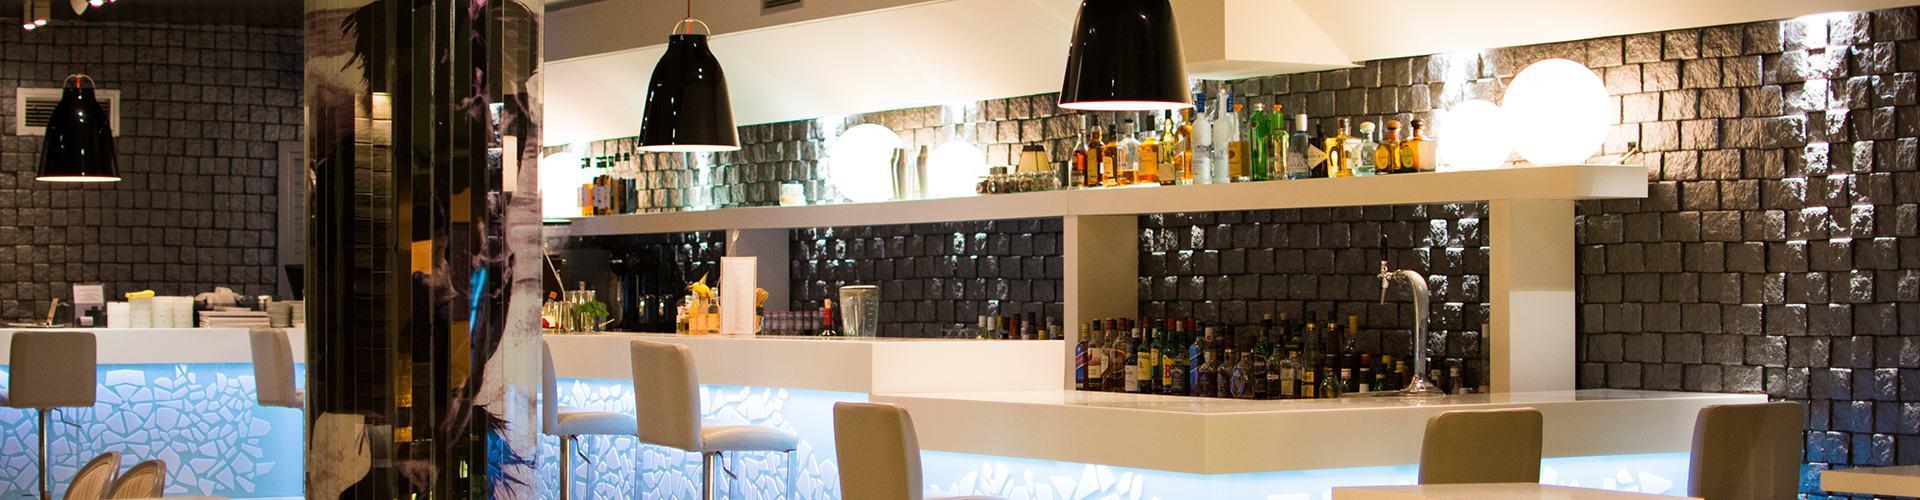 Lobby Cocktail Bar - Skiathos Island - Papadiamantis Street